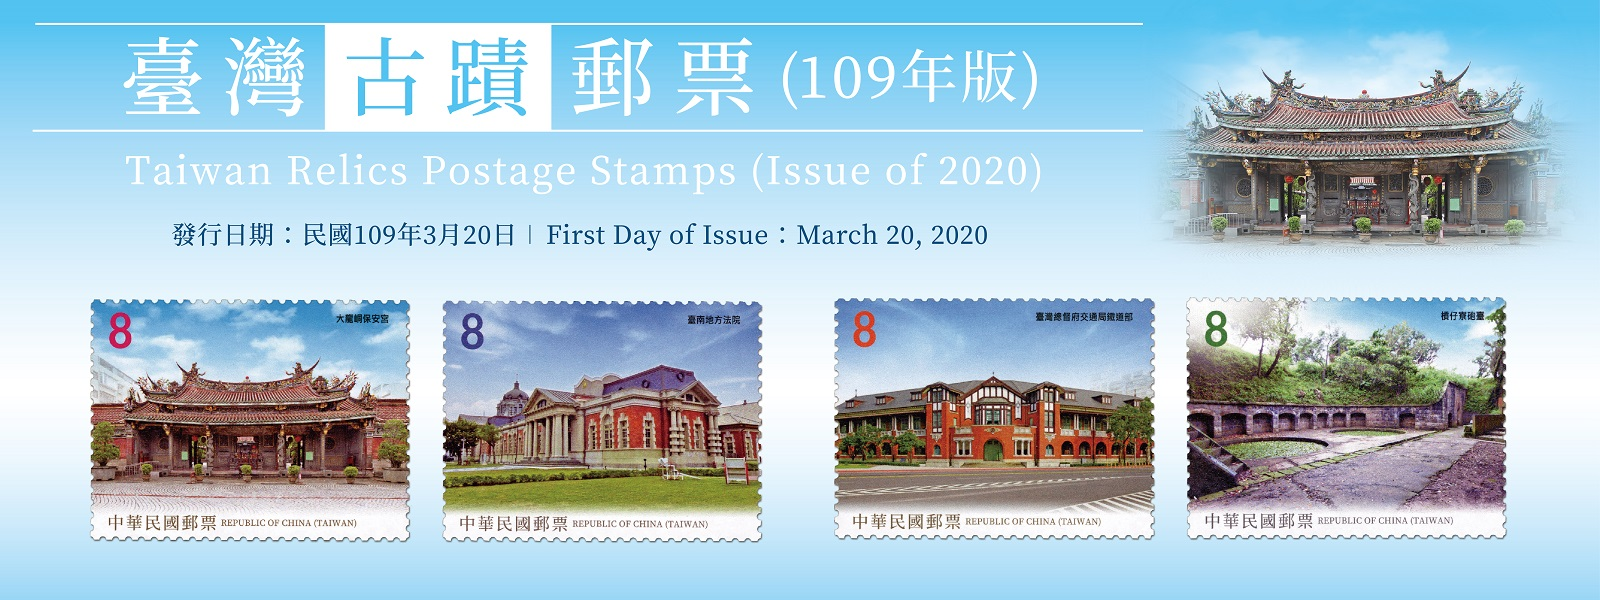 廣告連結:特690 臺灣古蹟郵票(109年版)